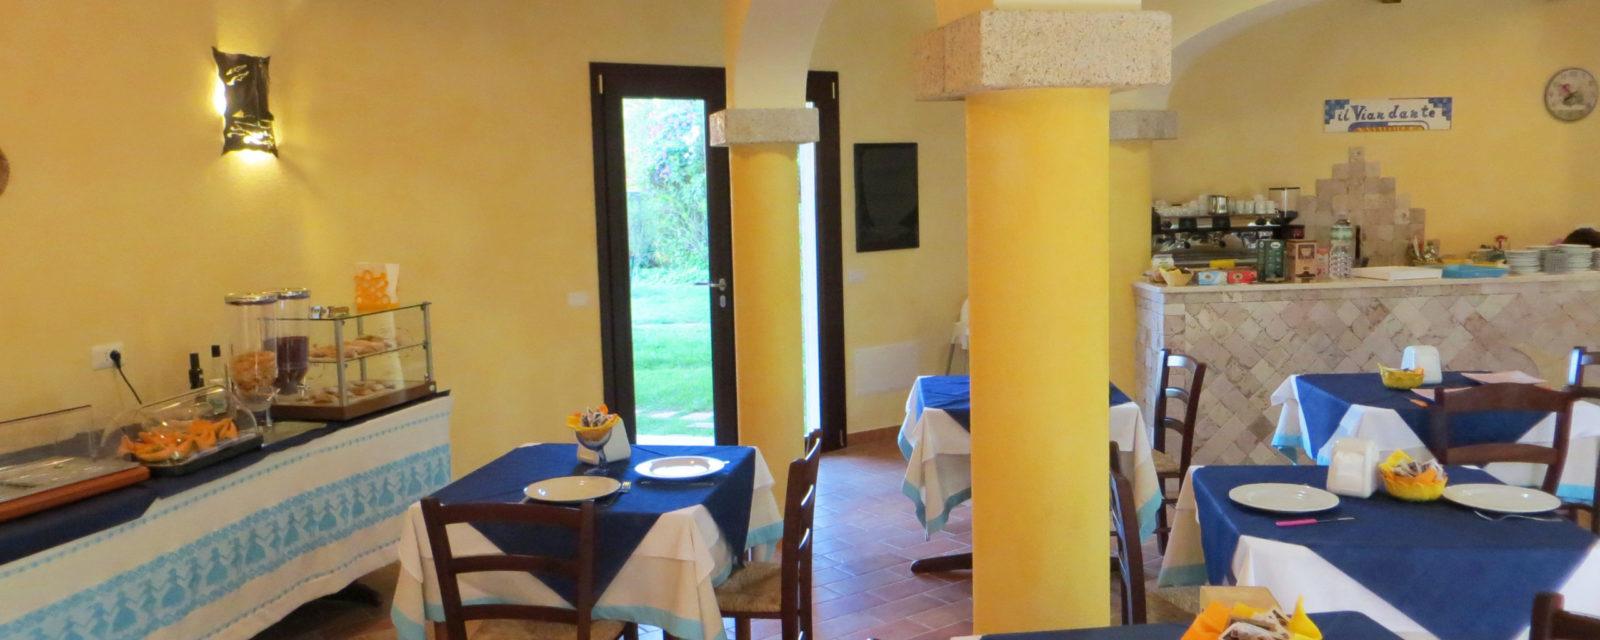 La sala delle colazioni dell'Hotel a San Teodoro Sardegna